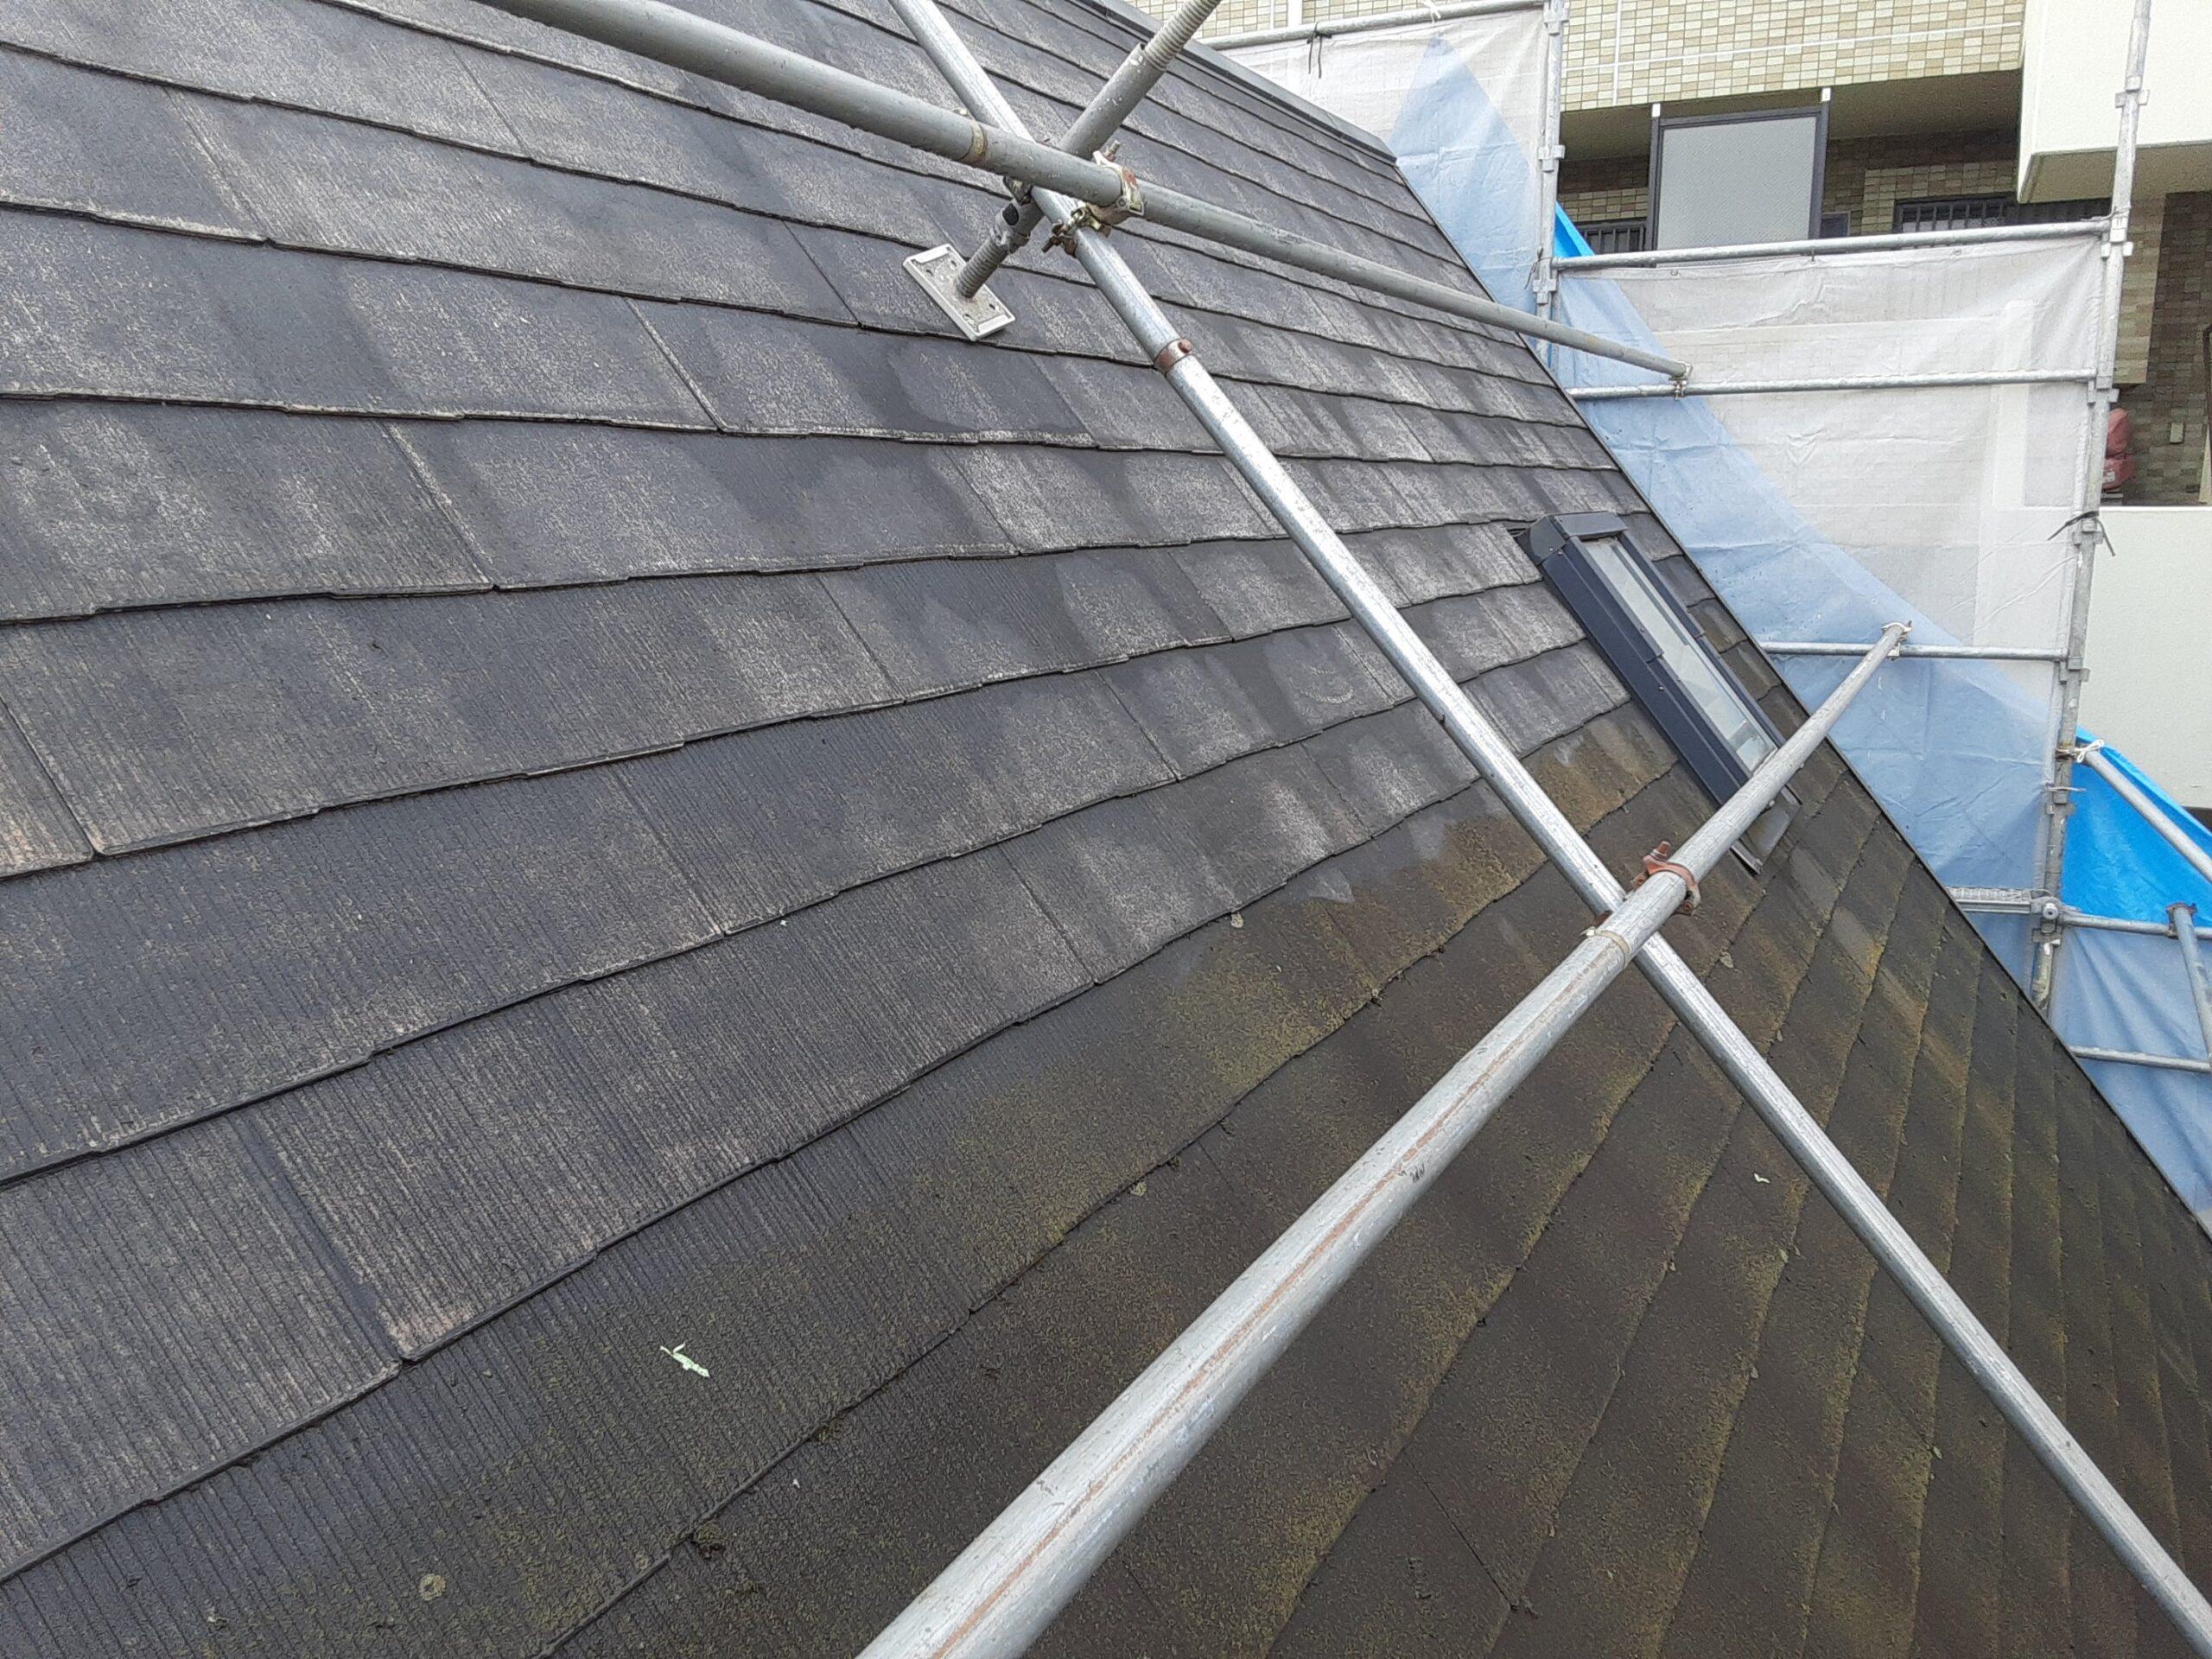 埼玉県さいたま市桜区のW様邸(木造3階建て)にて屋根・外壁の高圧洗浄